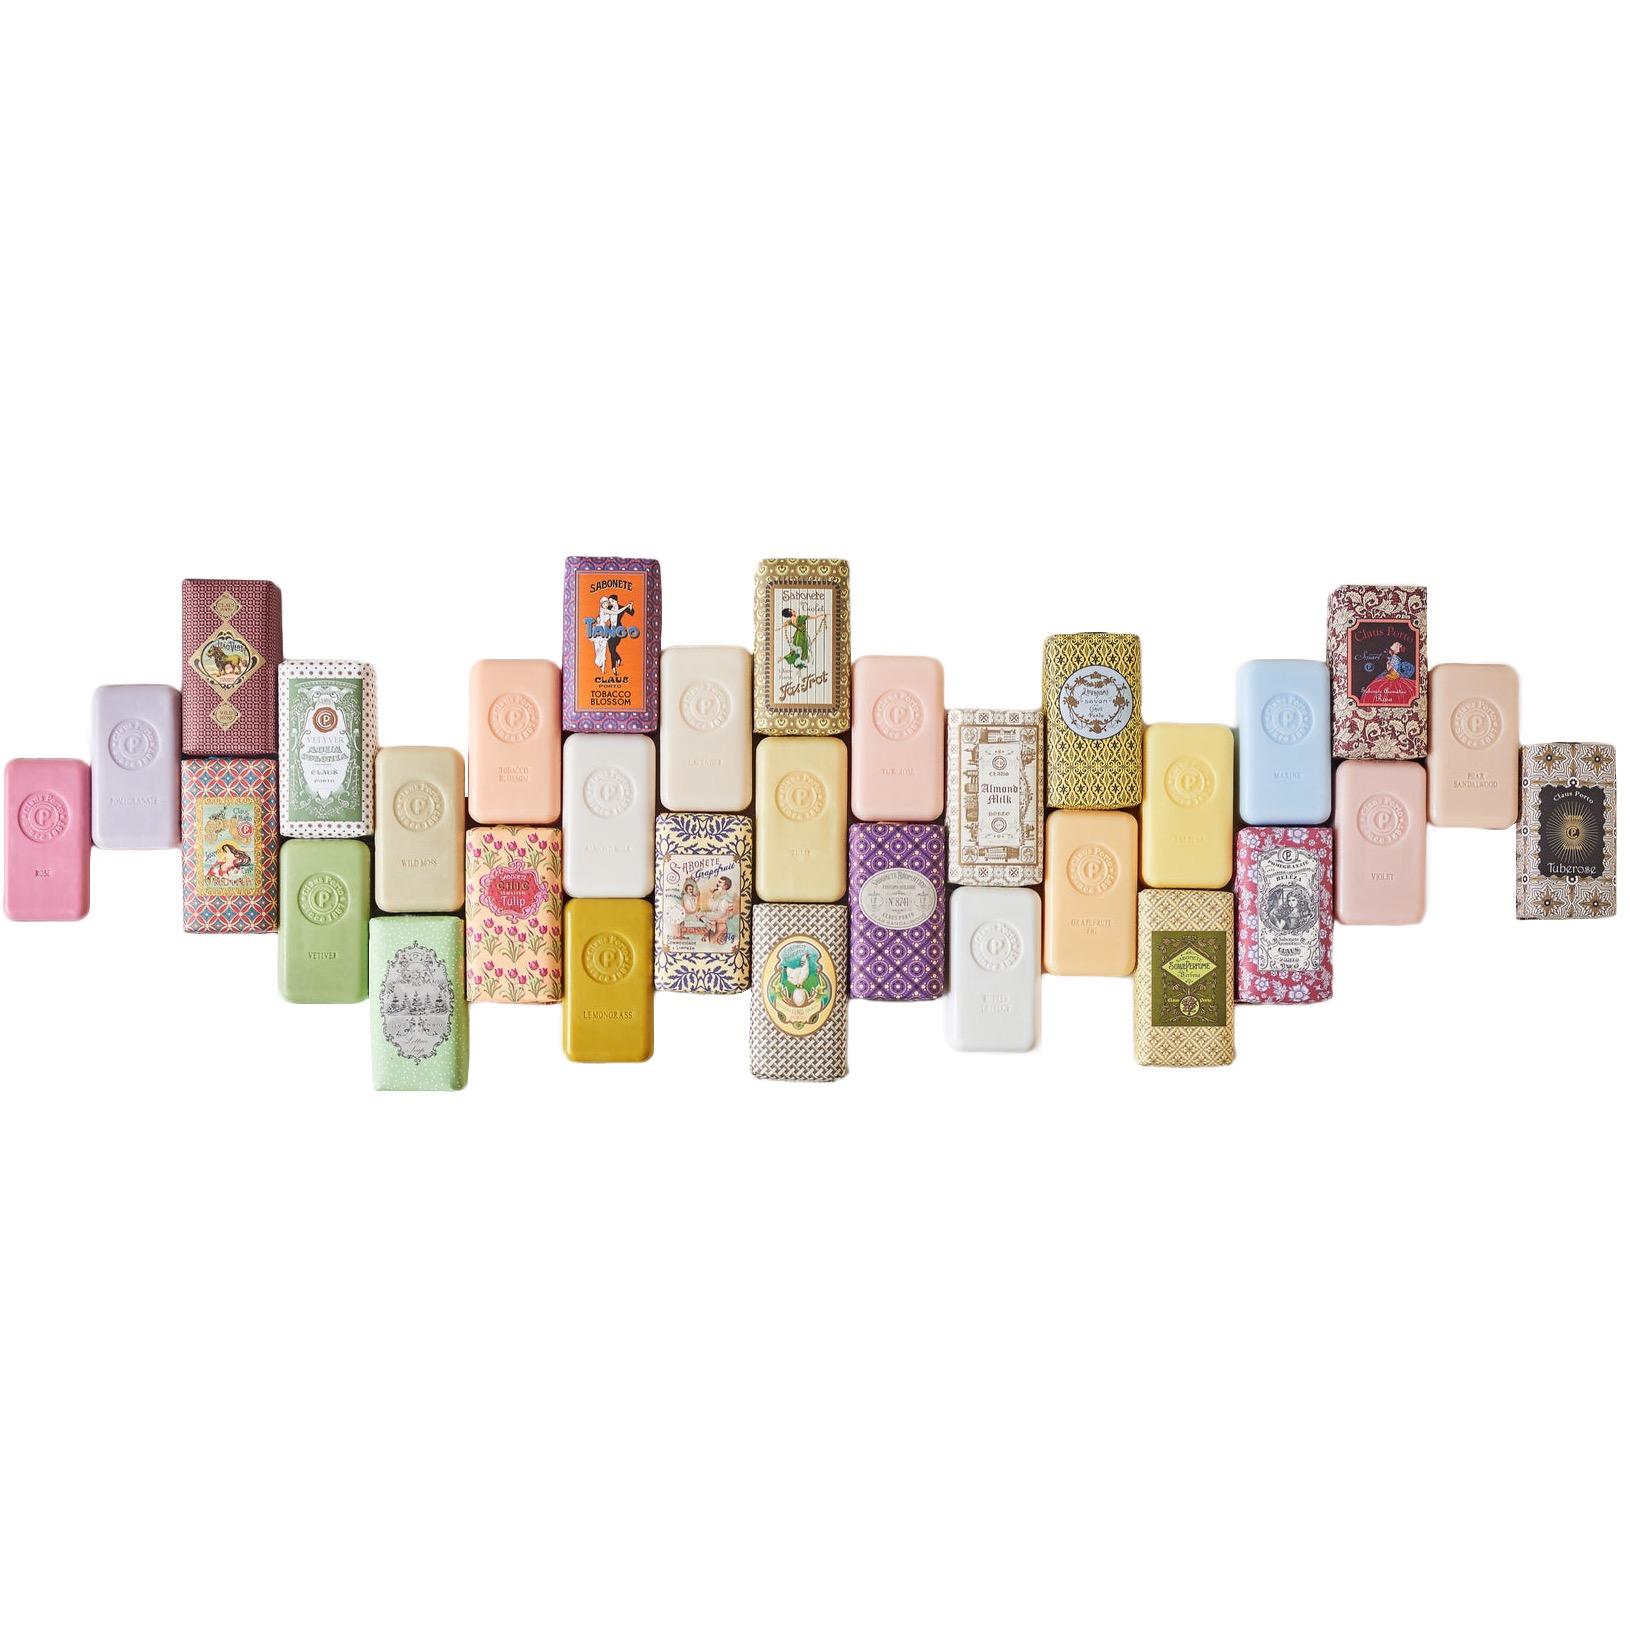 Mini Soap Bar Tango - Tobacco Blossom